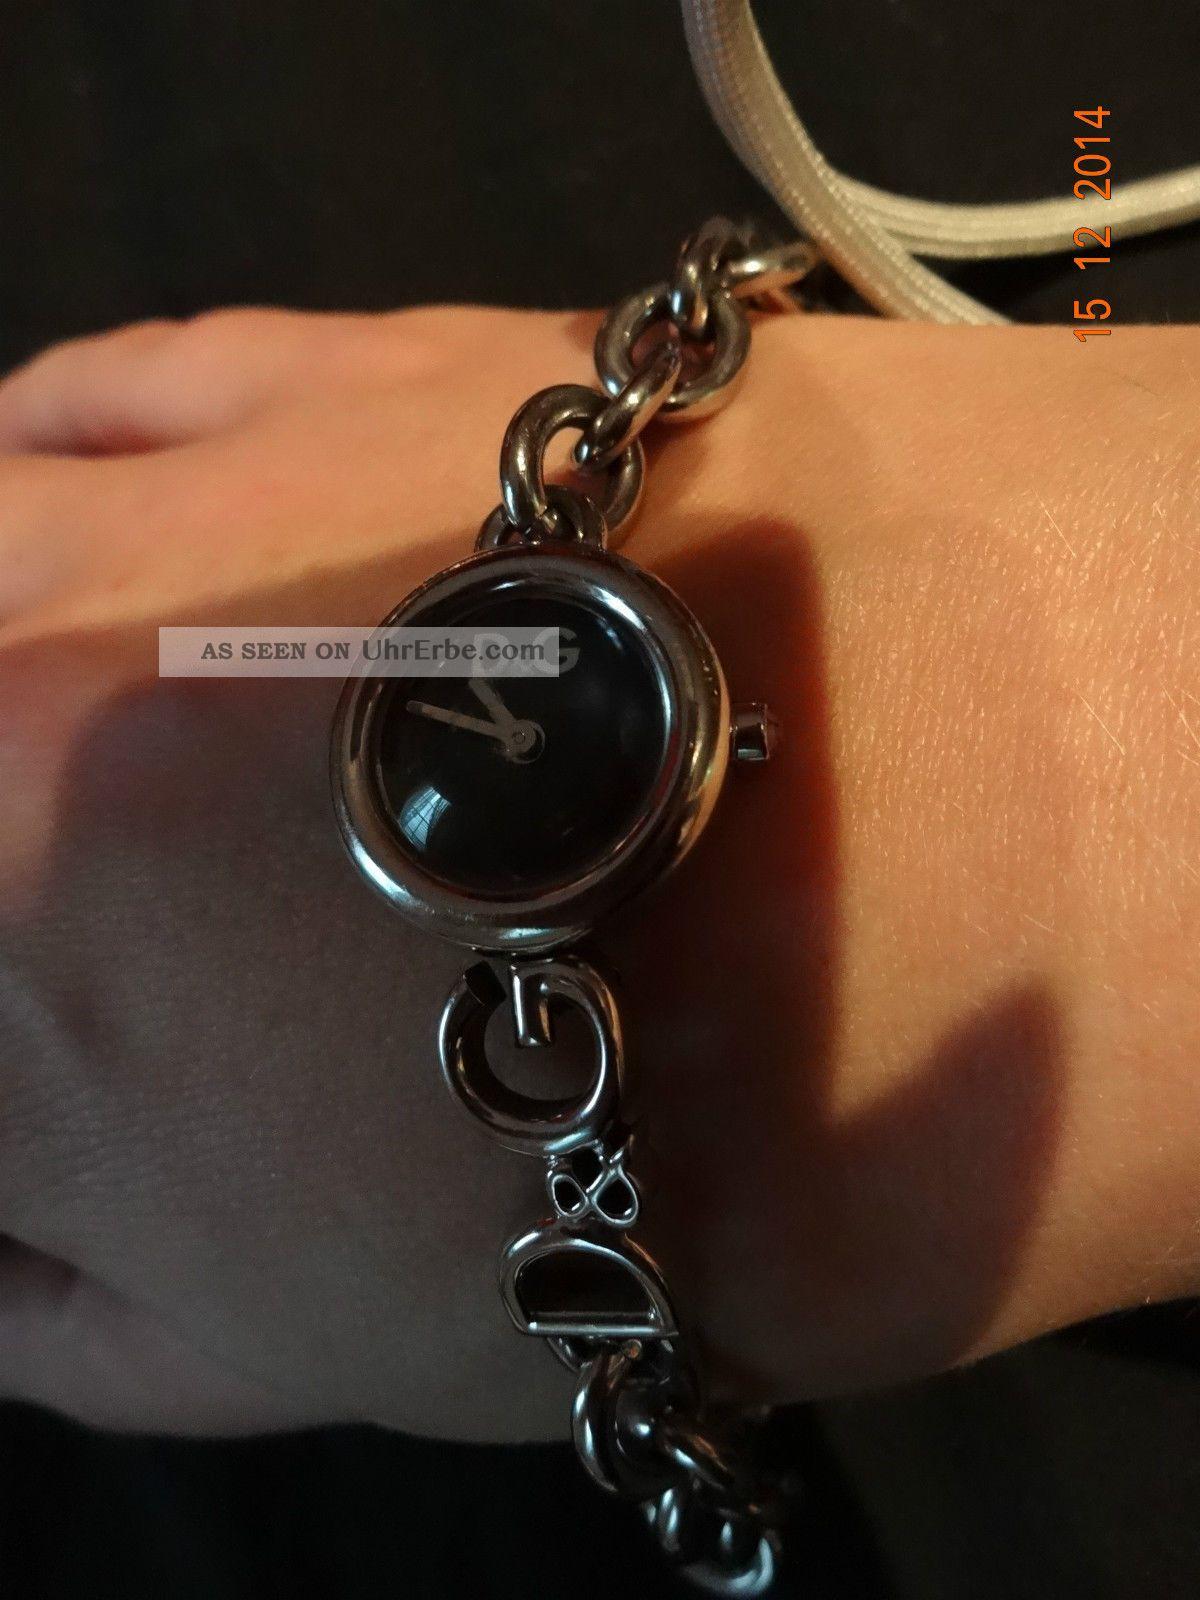 Dolce And Gabbana D&g Armbanduhr Armbanduhren Bild